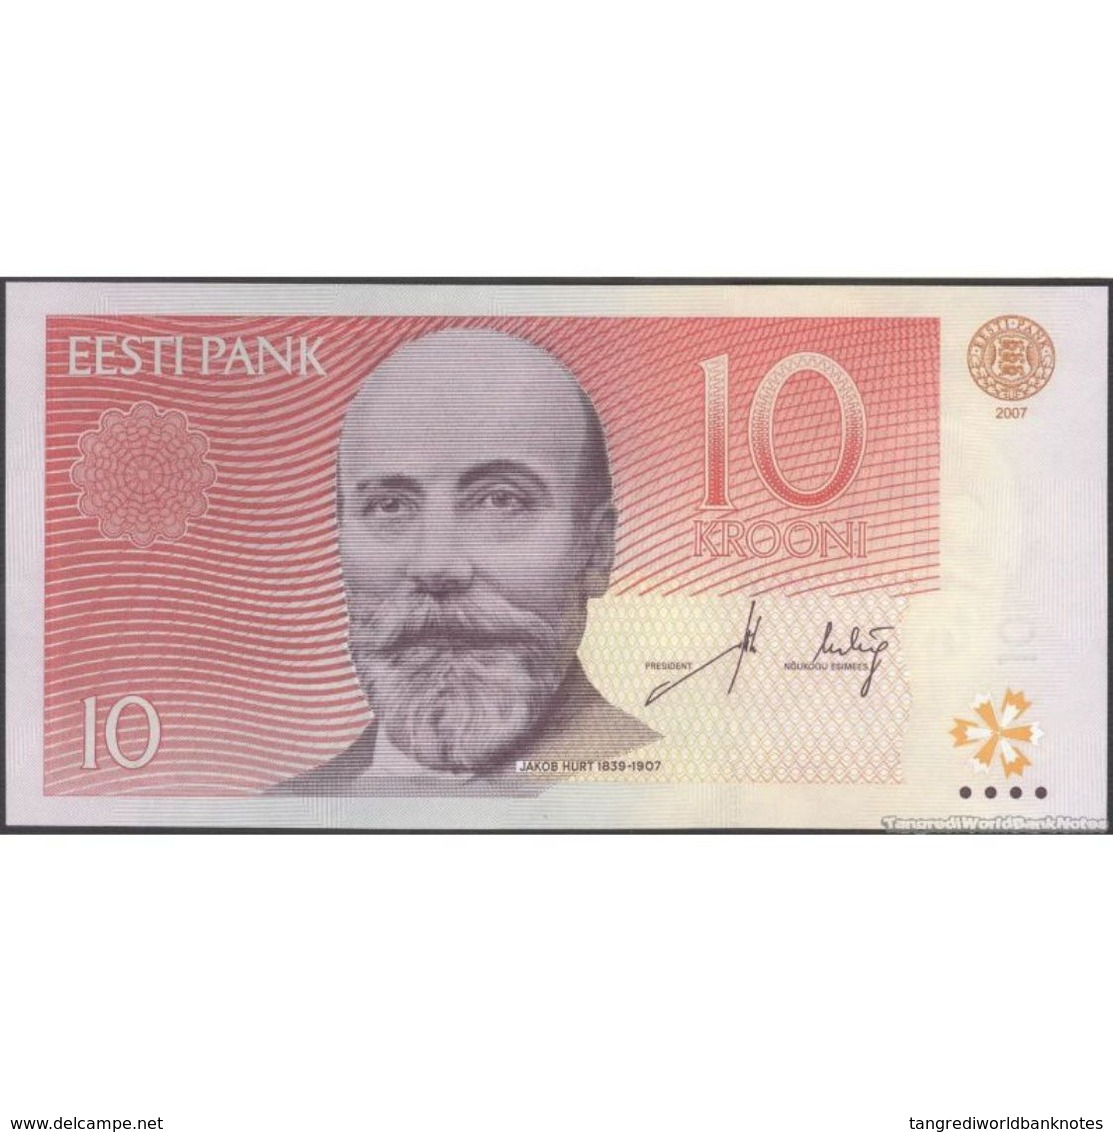 TWN - ESTONIA 86b - 10 Krooni 2007 Prefix CZ UNC - Estonia